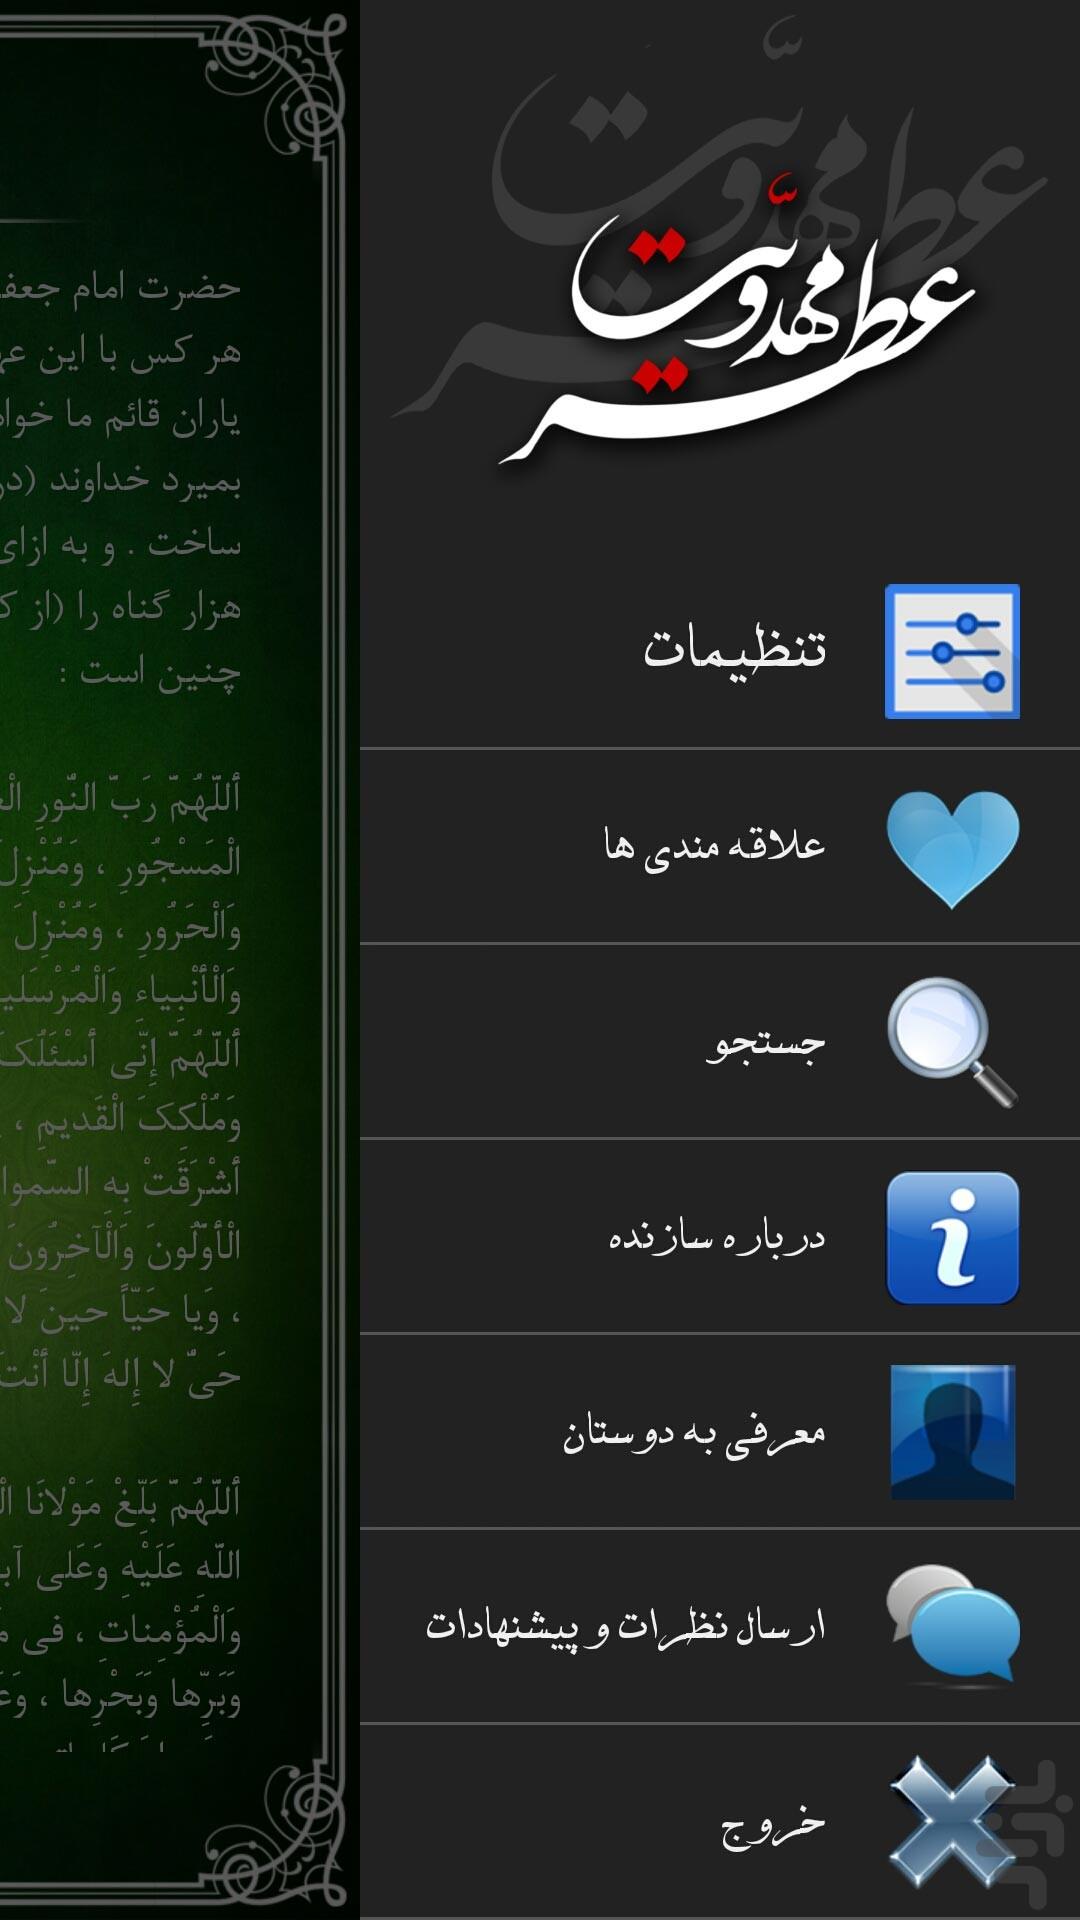 عطر مهدویّت (صحیفه مهدیّه) screenshot